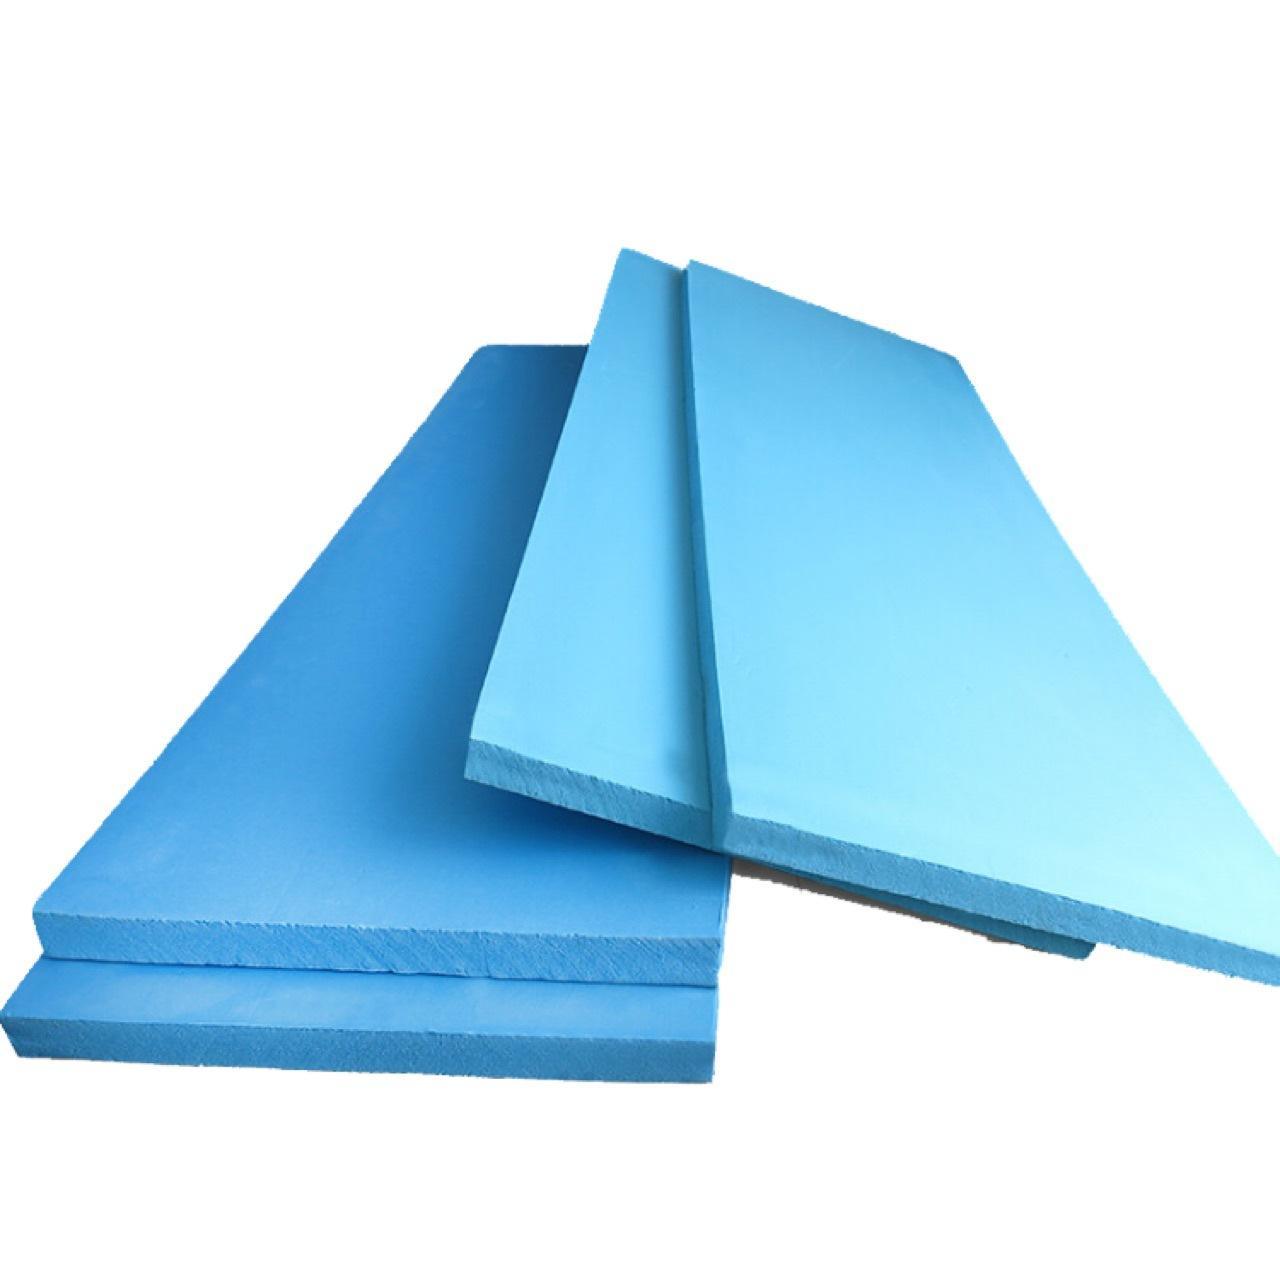 XPS挤塑板批发厂家多规格可选